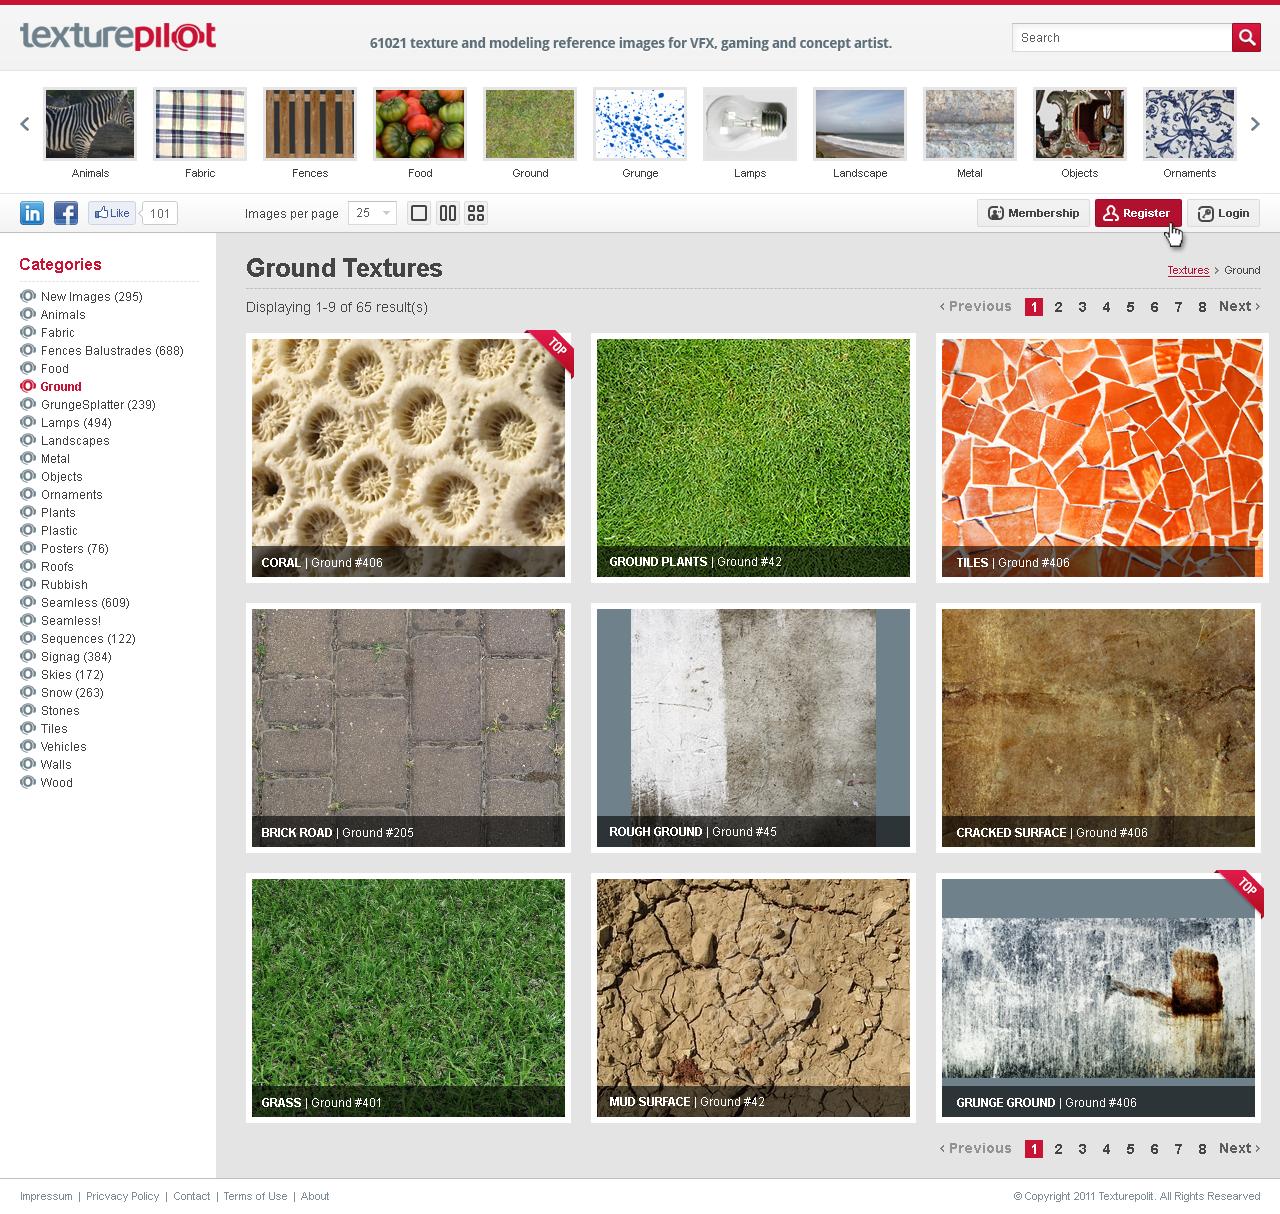 Texturepilot needs a new website design